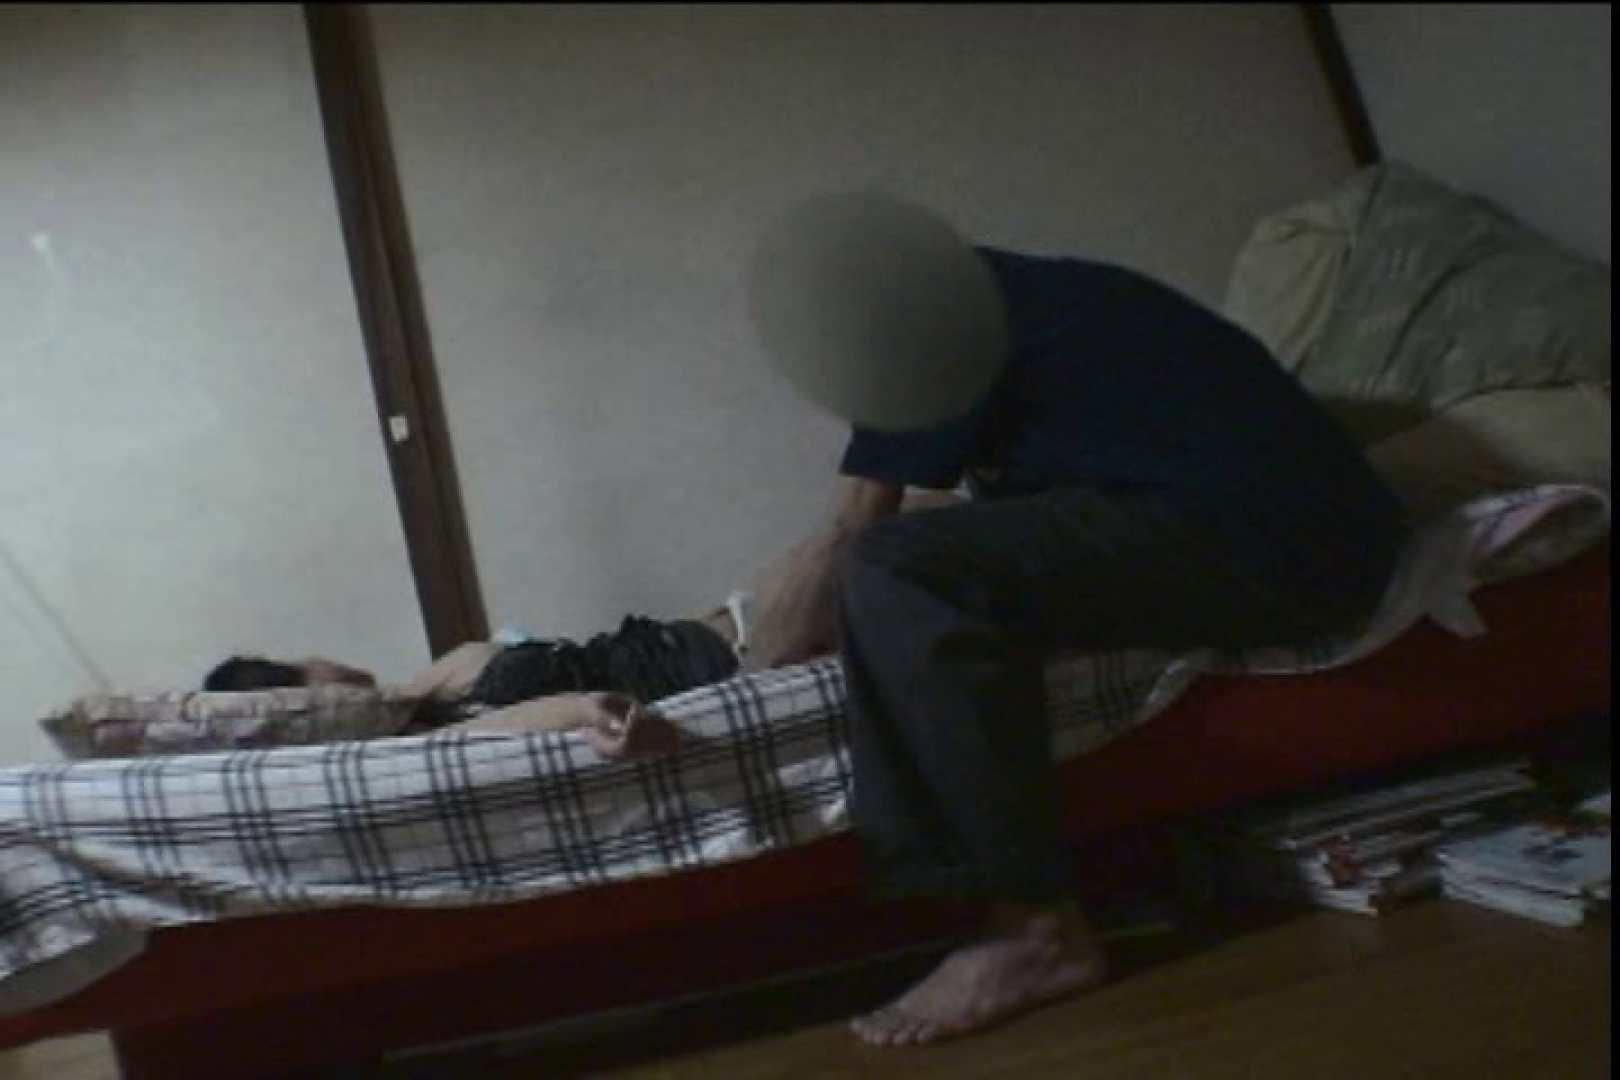 れる泥酔女5 マンコ・ムレムレ  89pic 40